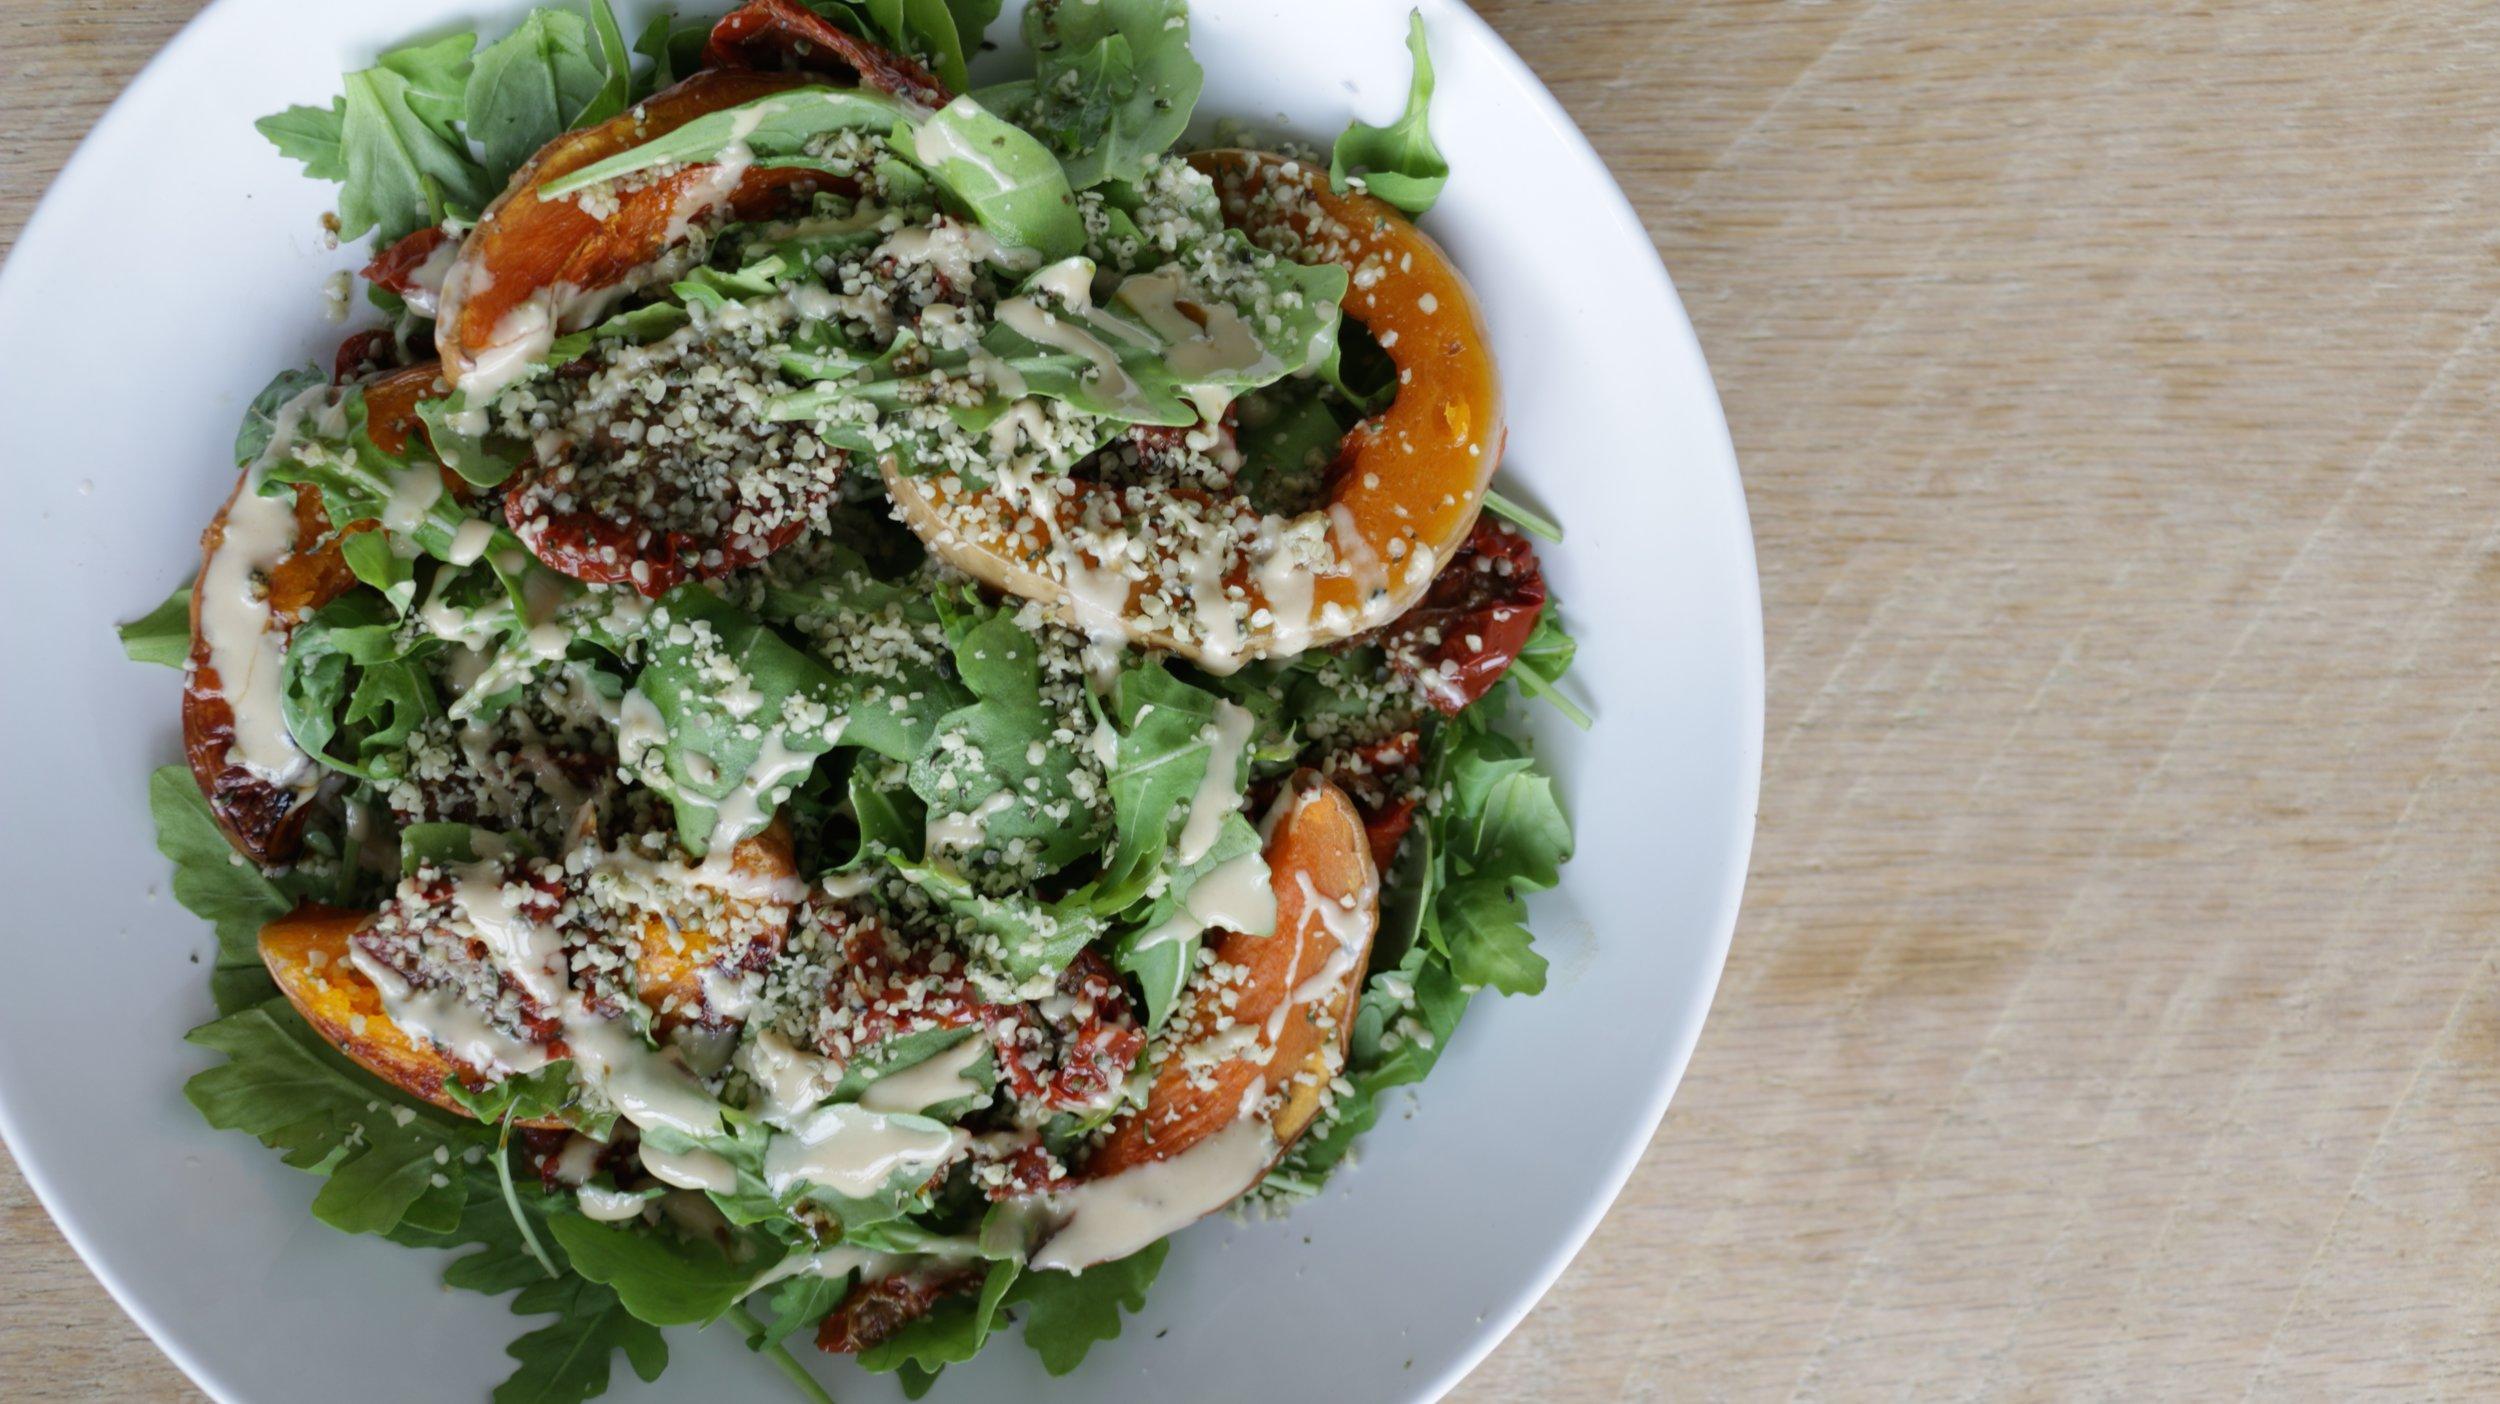 sun-dried tomato & roasted squash salad